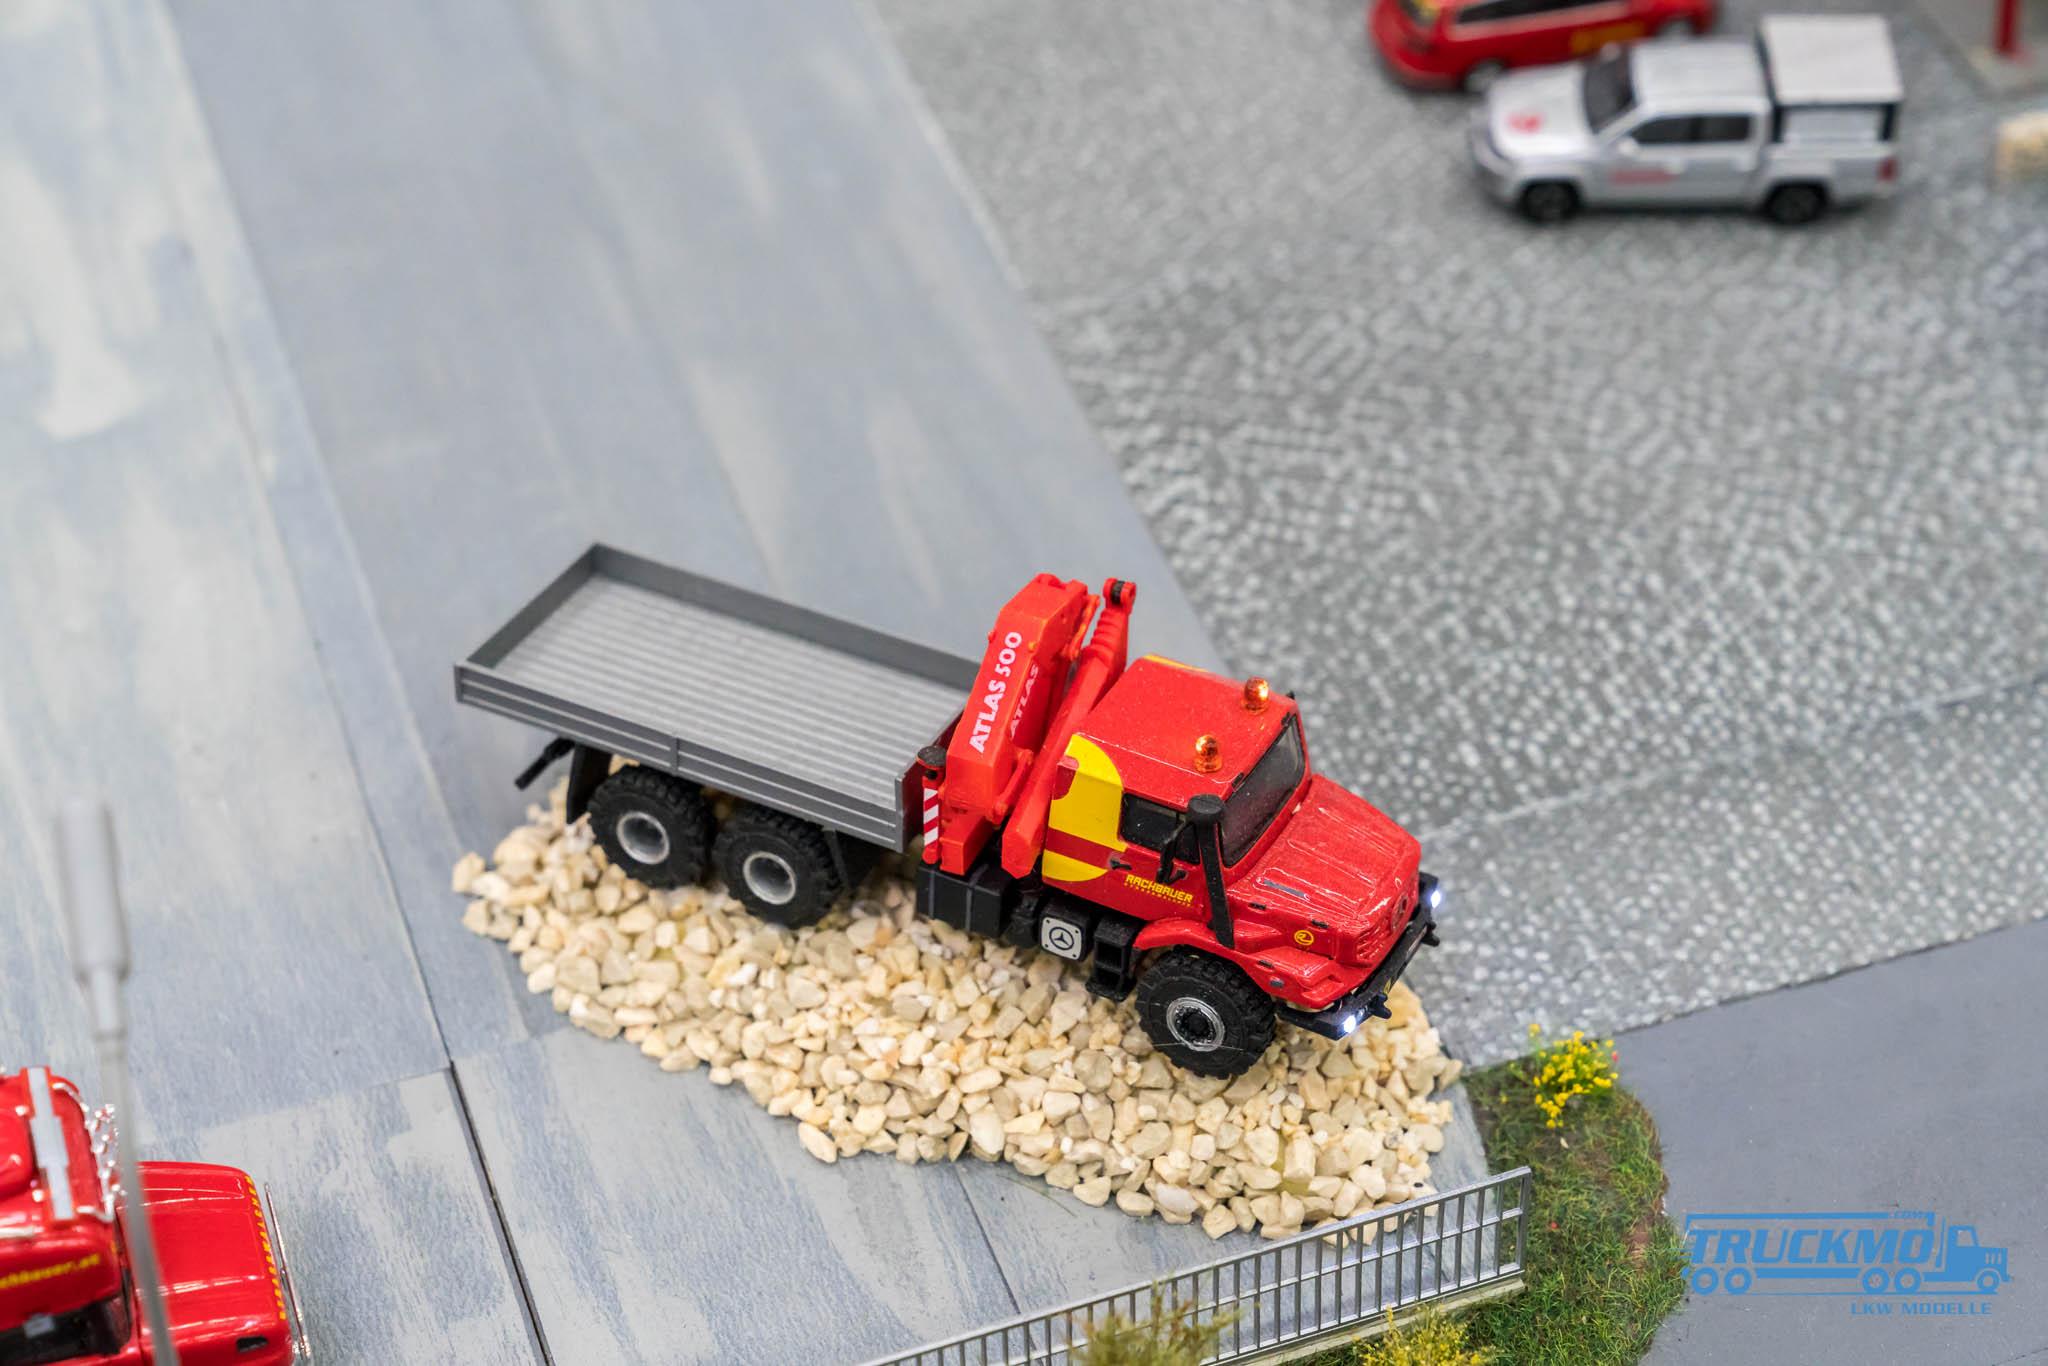 Truckmo_Modellbau_Ried_2017_Herpa_Messe_Modellbauausstellung (244 von 1177)